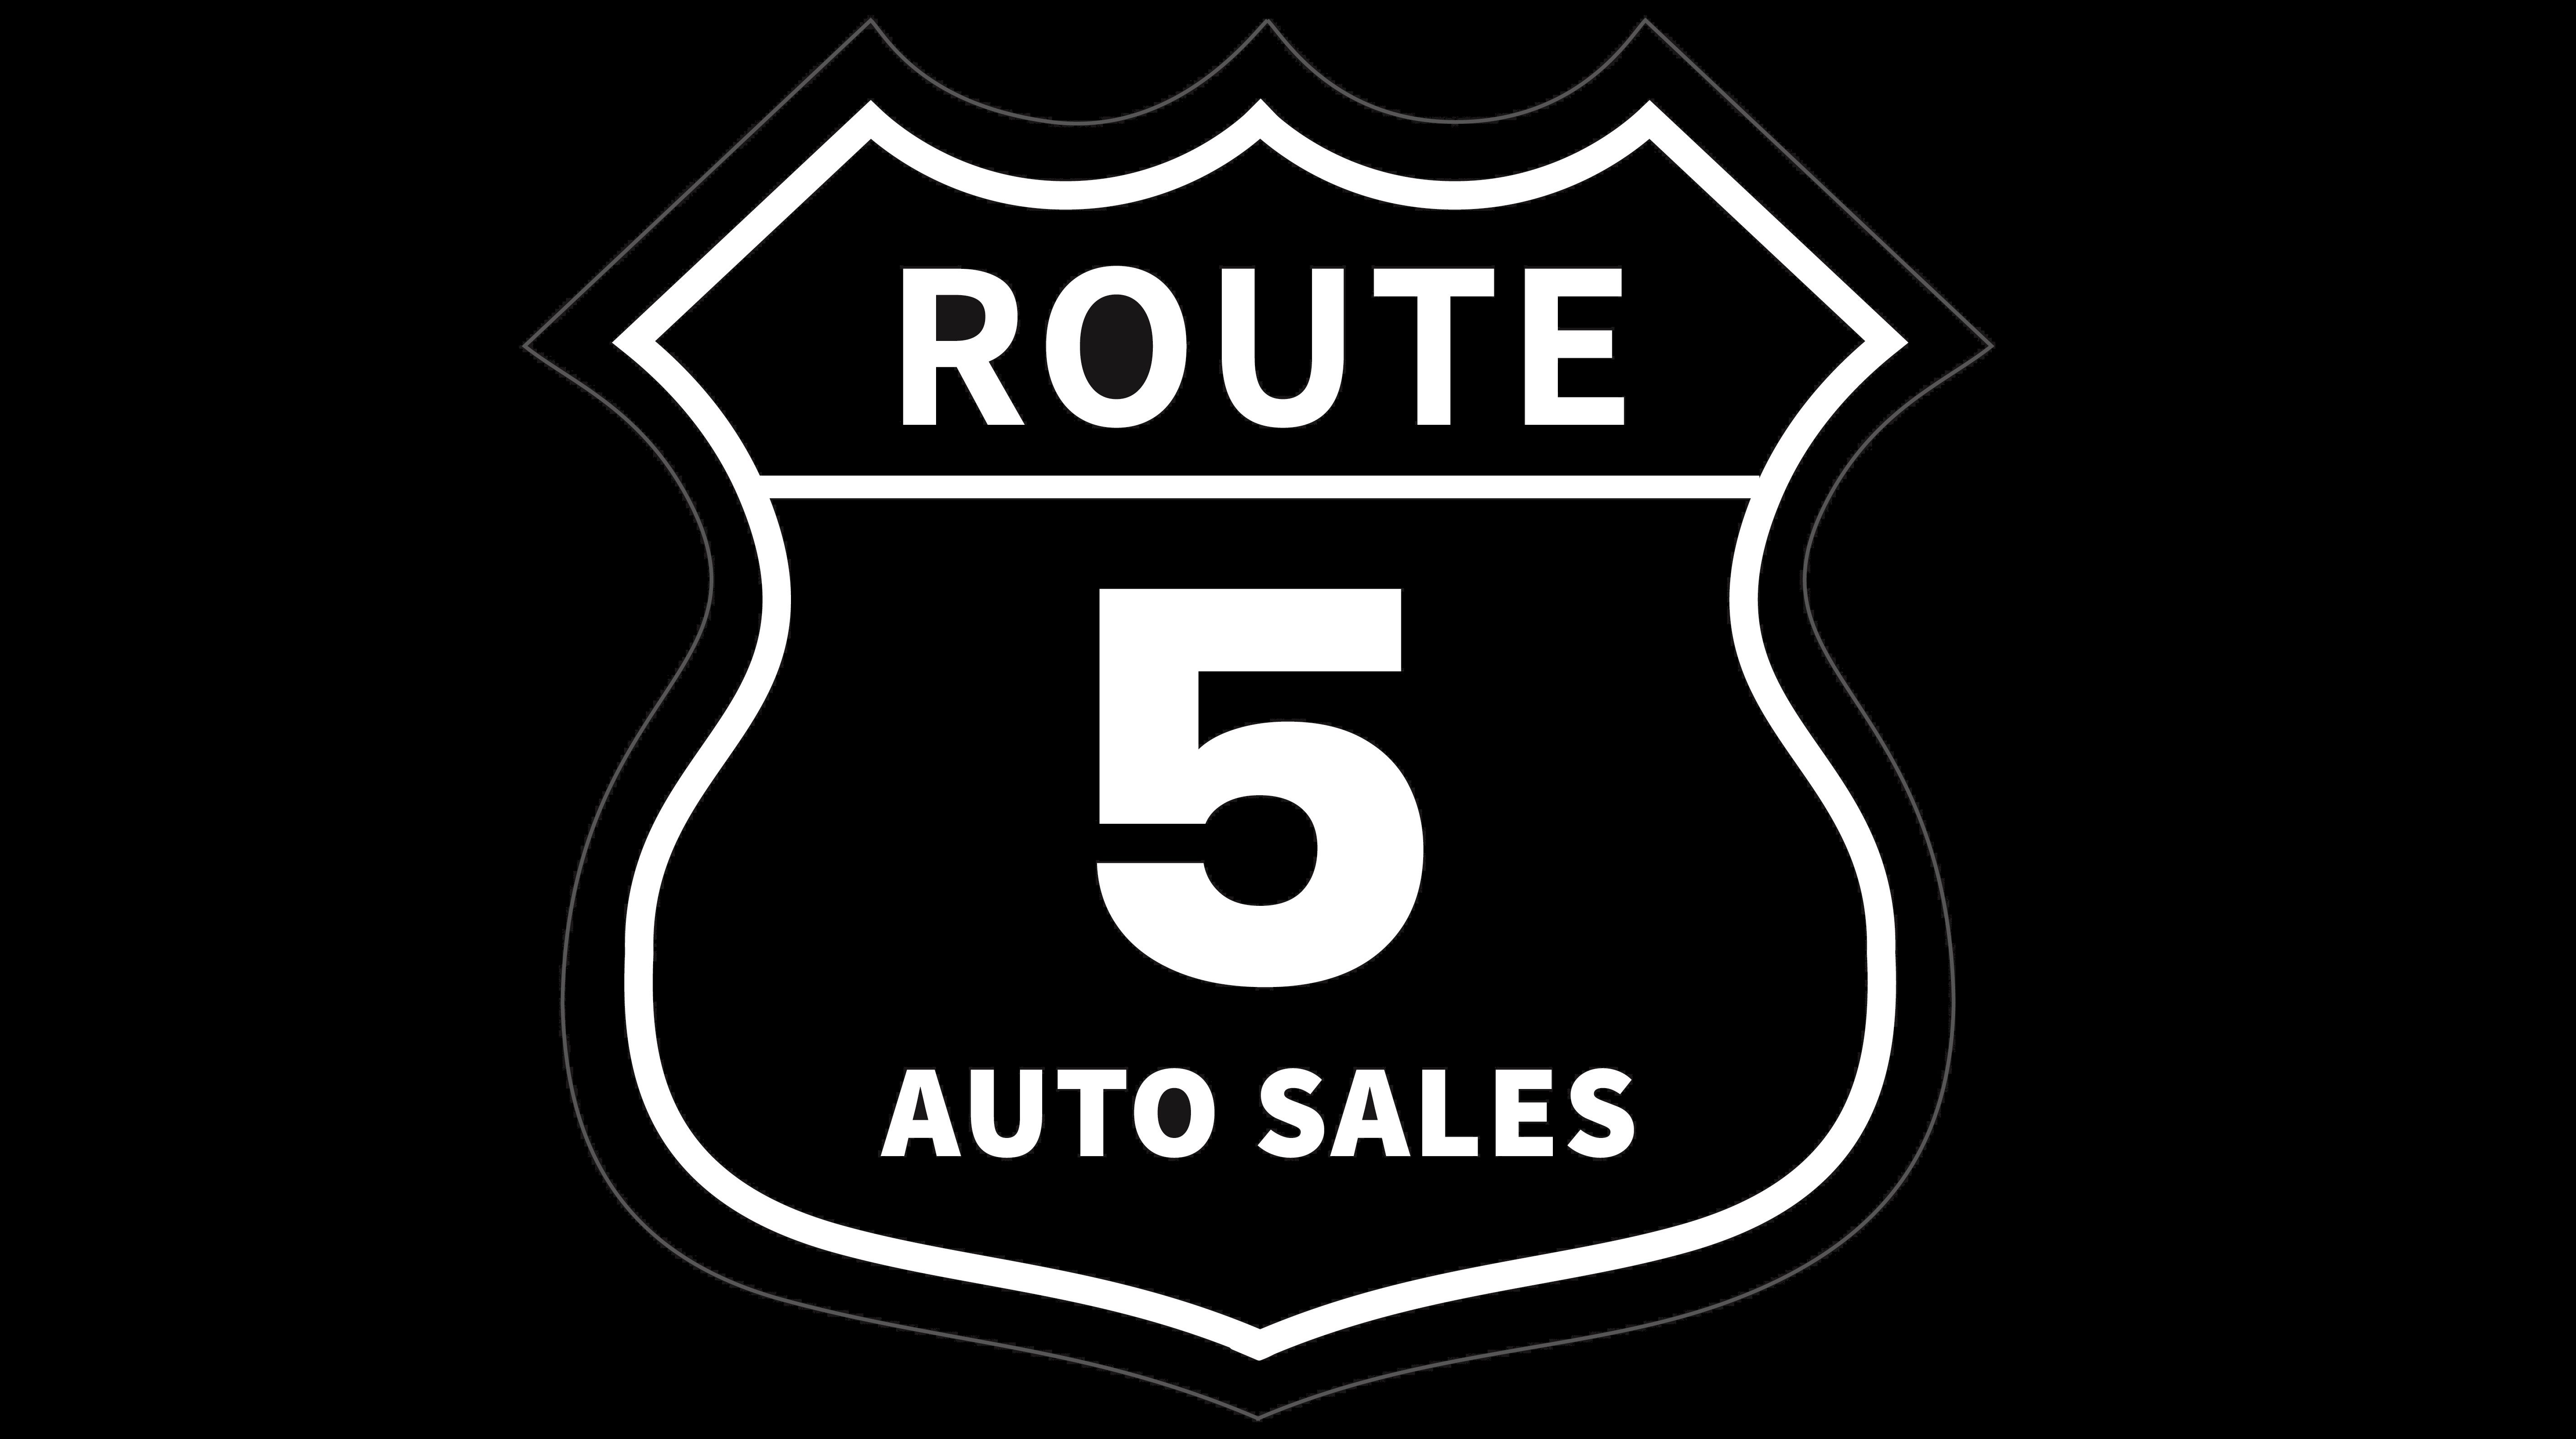 RT 5 Auto Sales